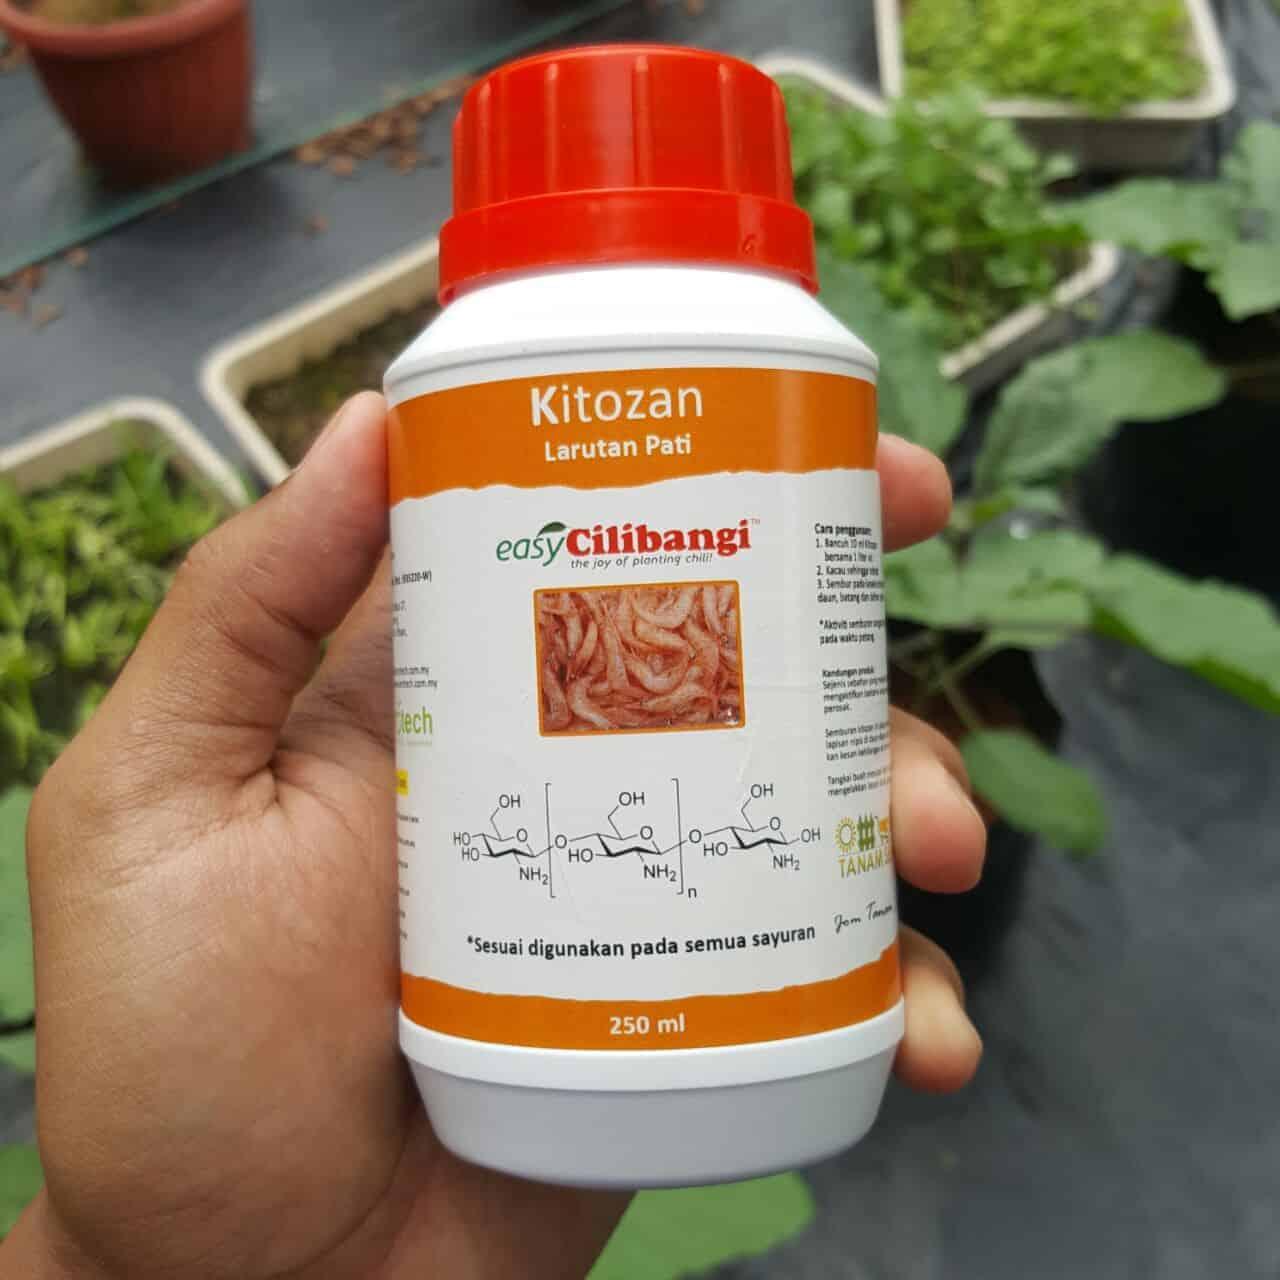 Chitosan atau kitozan ini mampu meransang pertumbuhan anak pokok yang sihat. Disamping mencegah serangan patogen yang berbahaya.